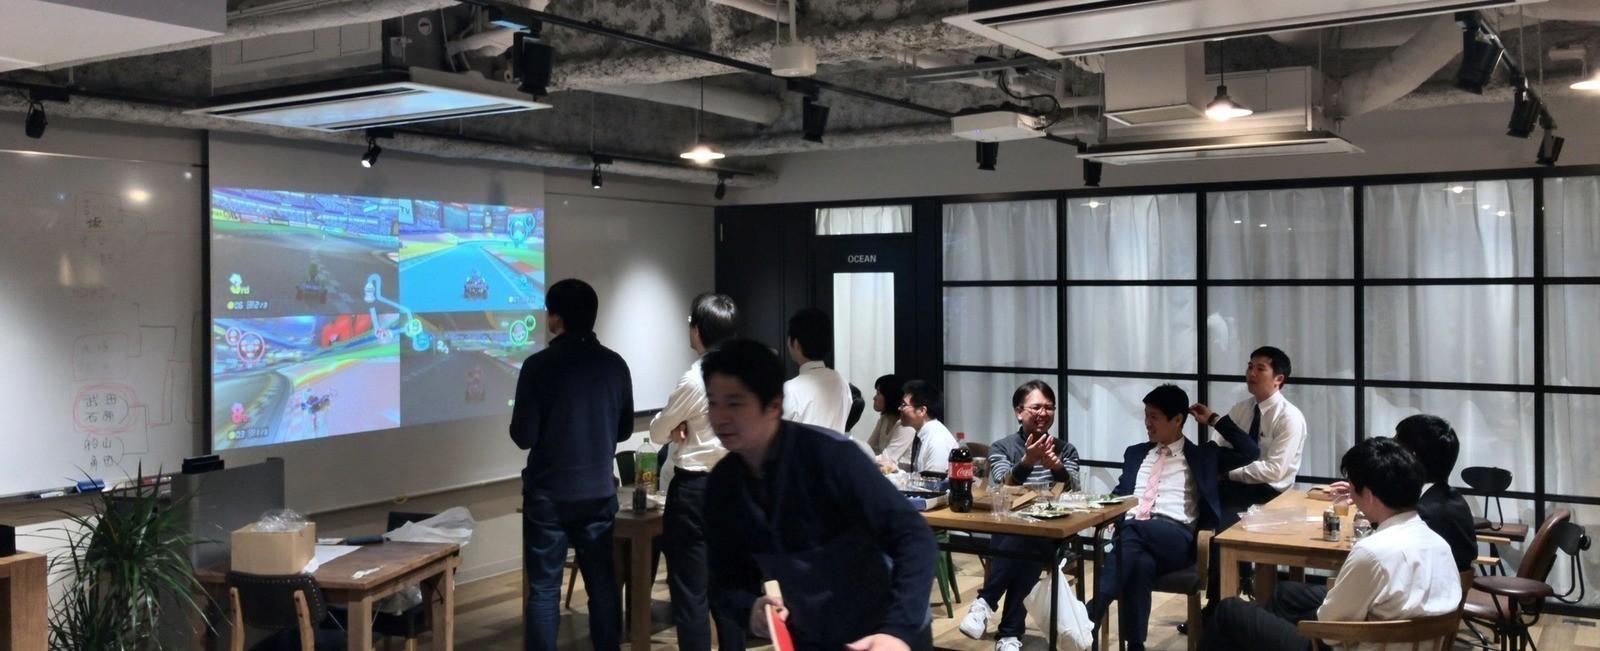 【リモートワーク/副業可】日本の金融UXを変革するAndroidアプリエンジニア募集